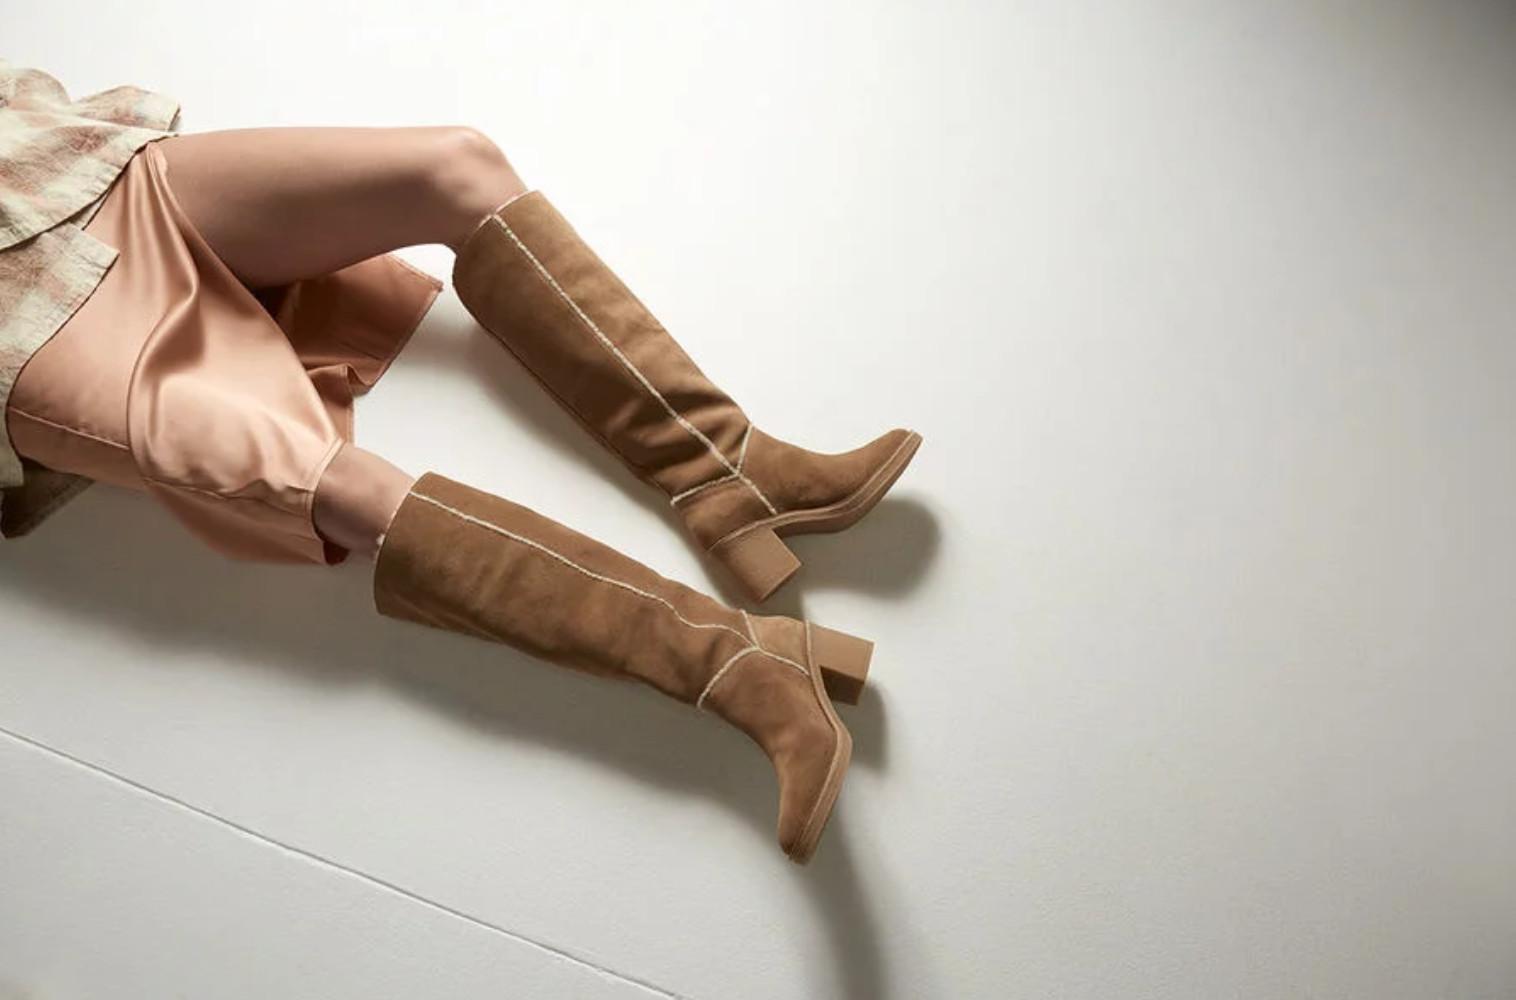 quali stivali scegliere per slanciare le gambe